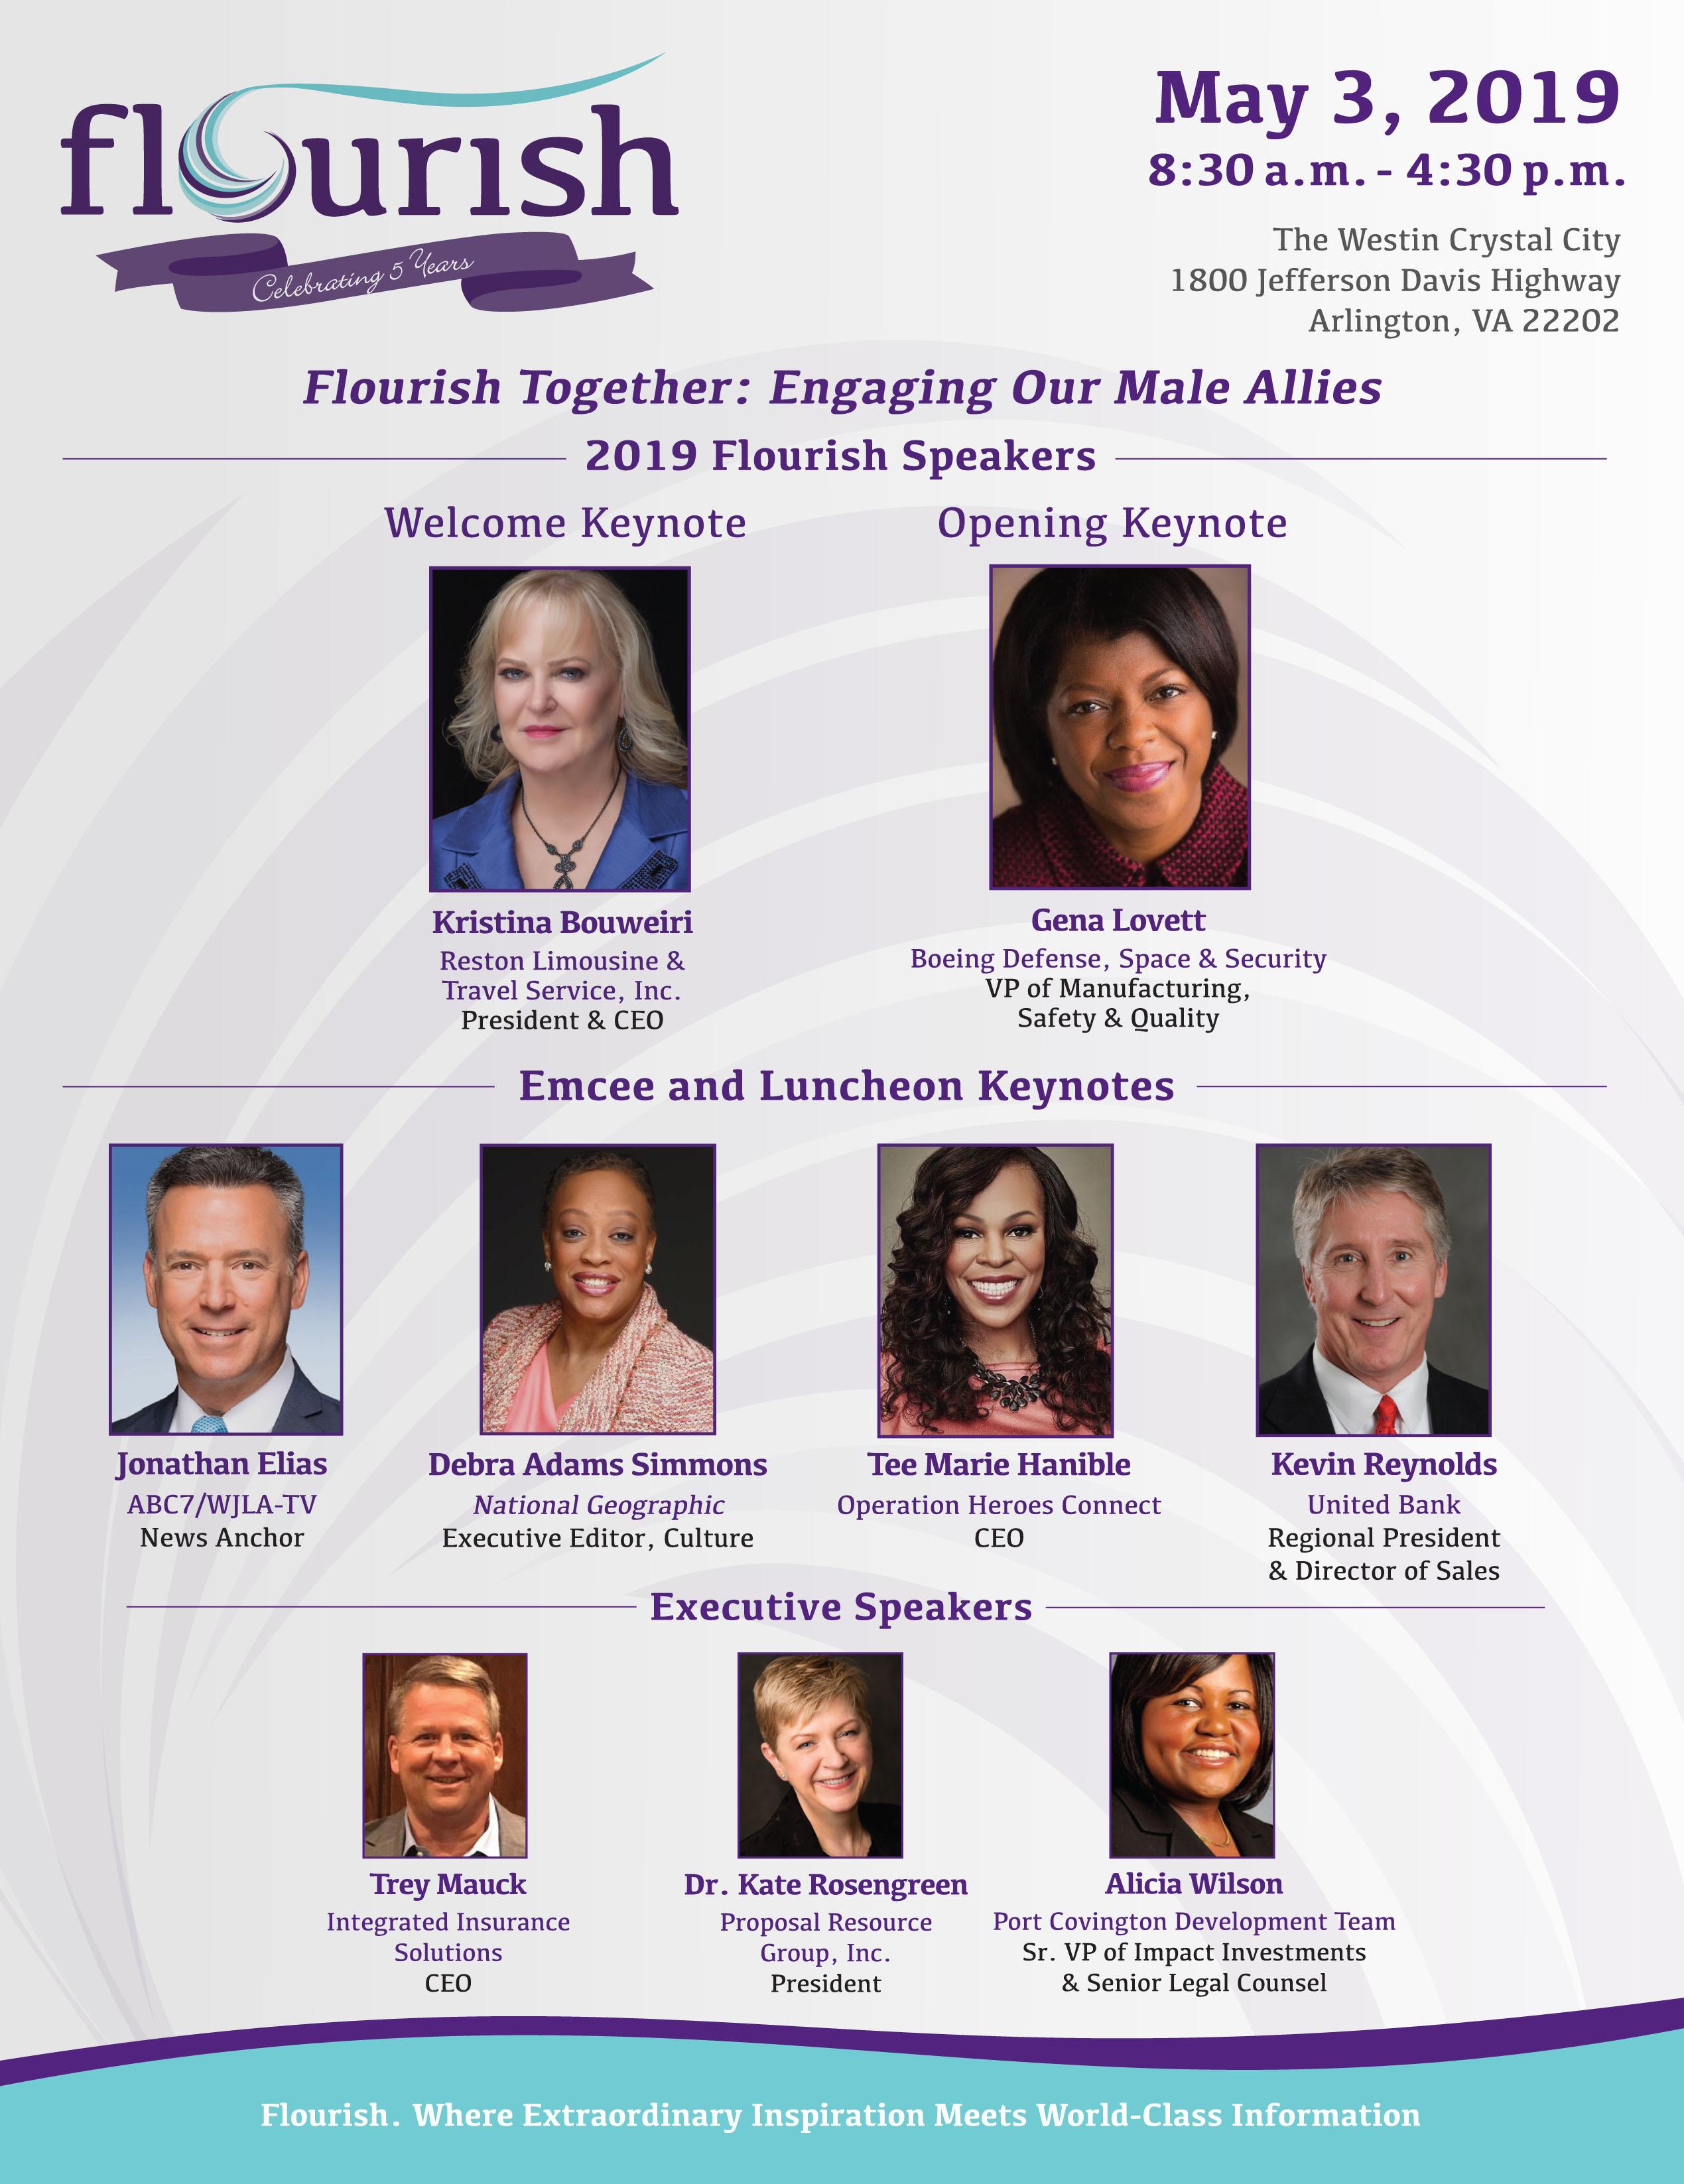 2019 Flourish DC Speakers